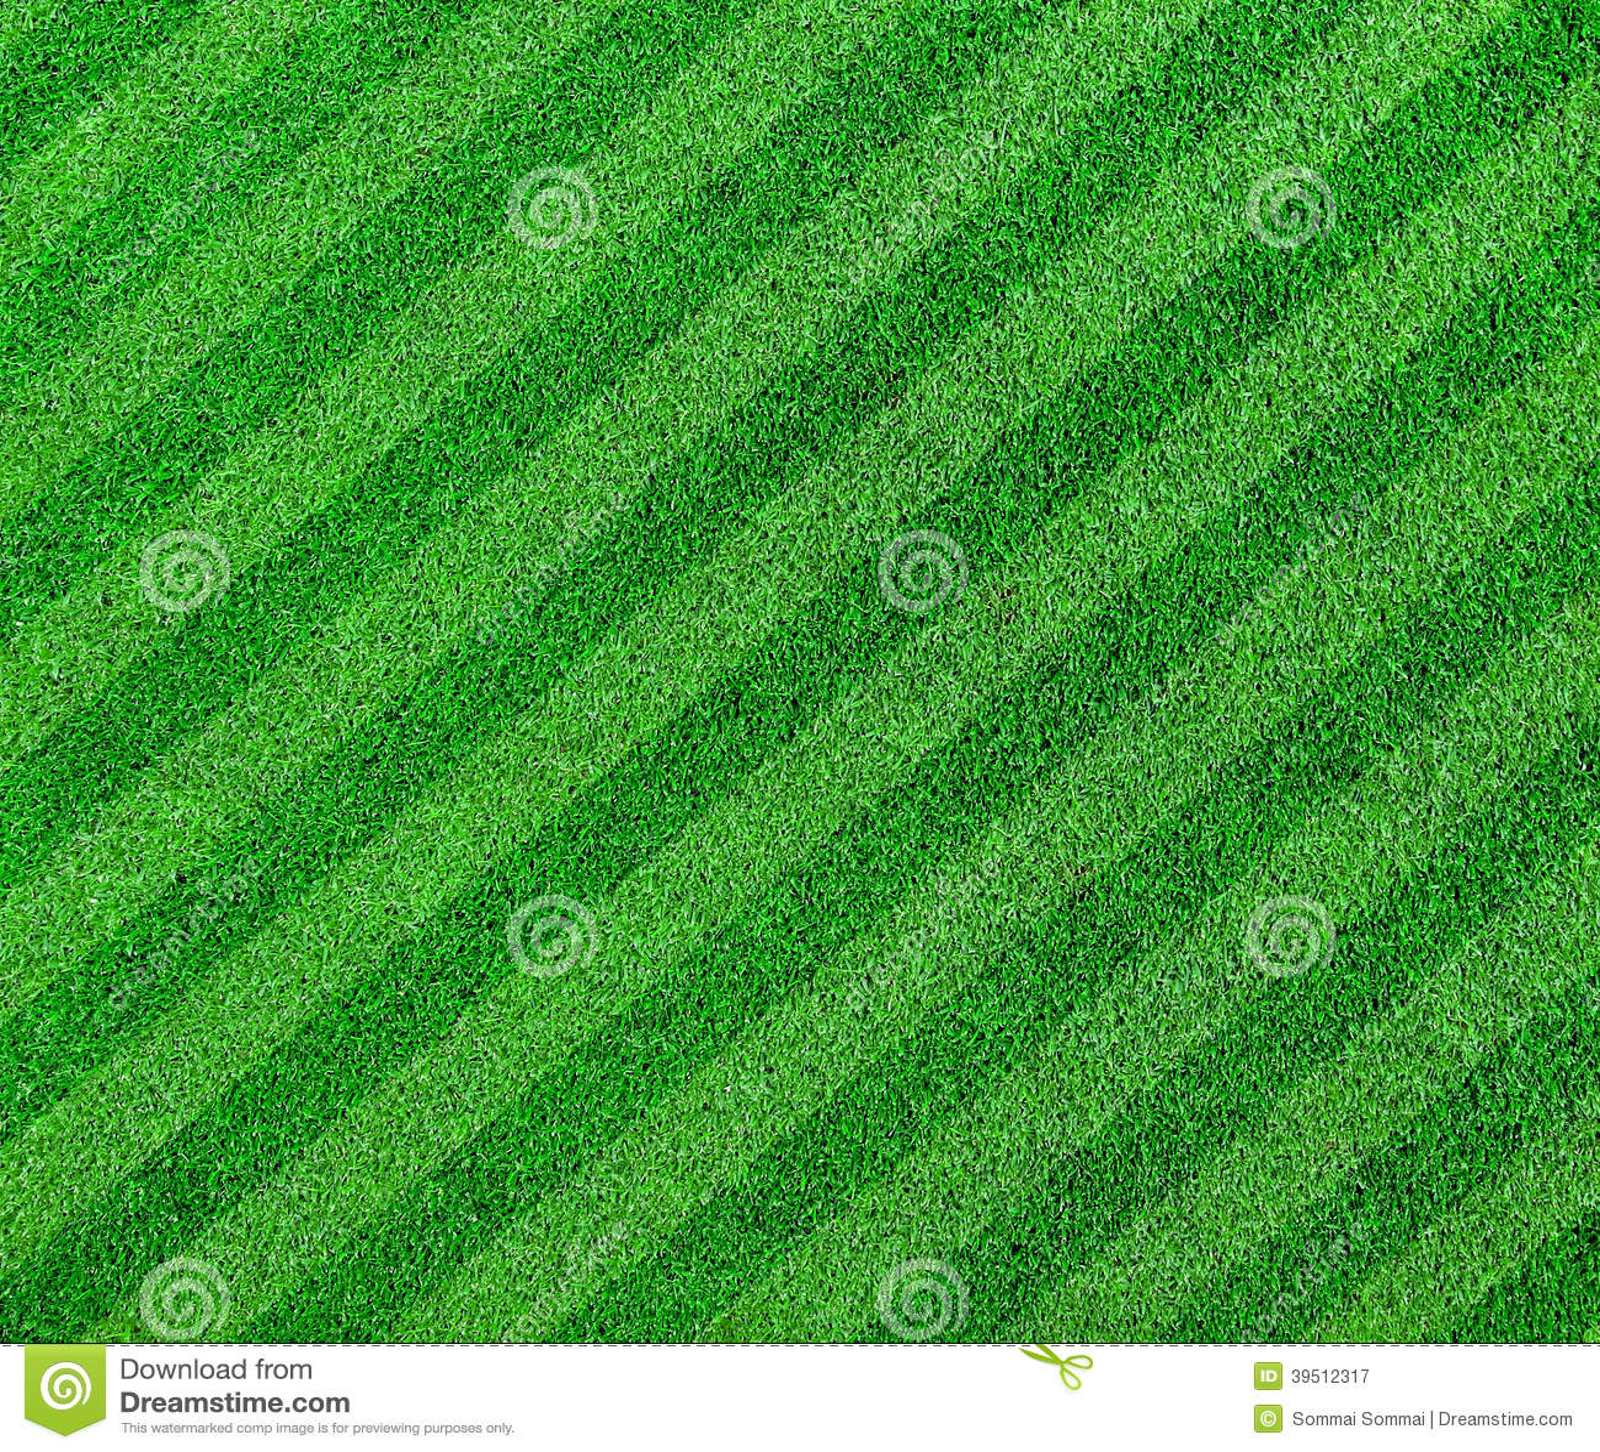 Green grass lined soccer field